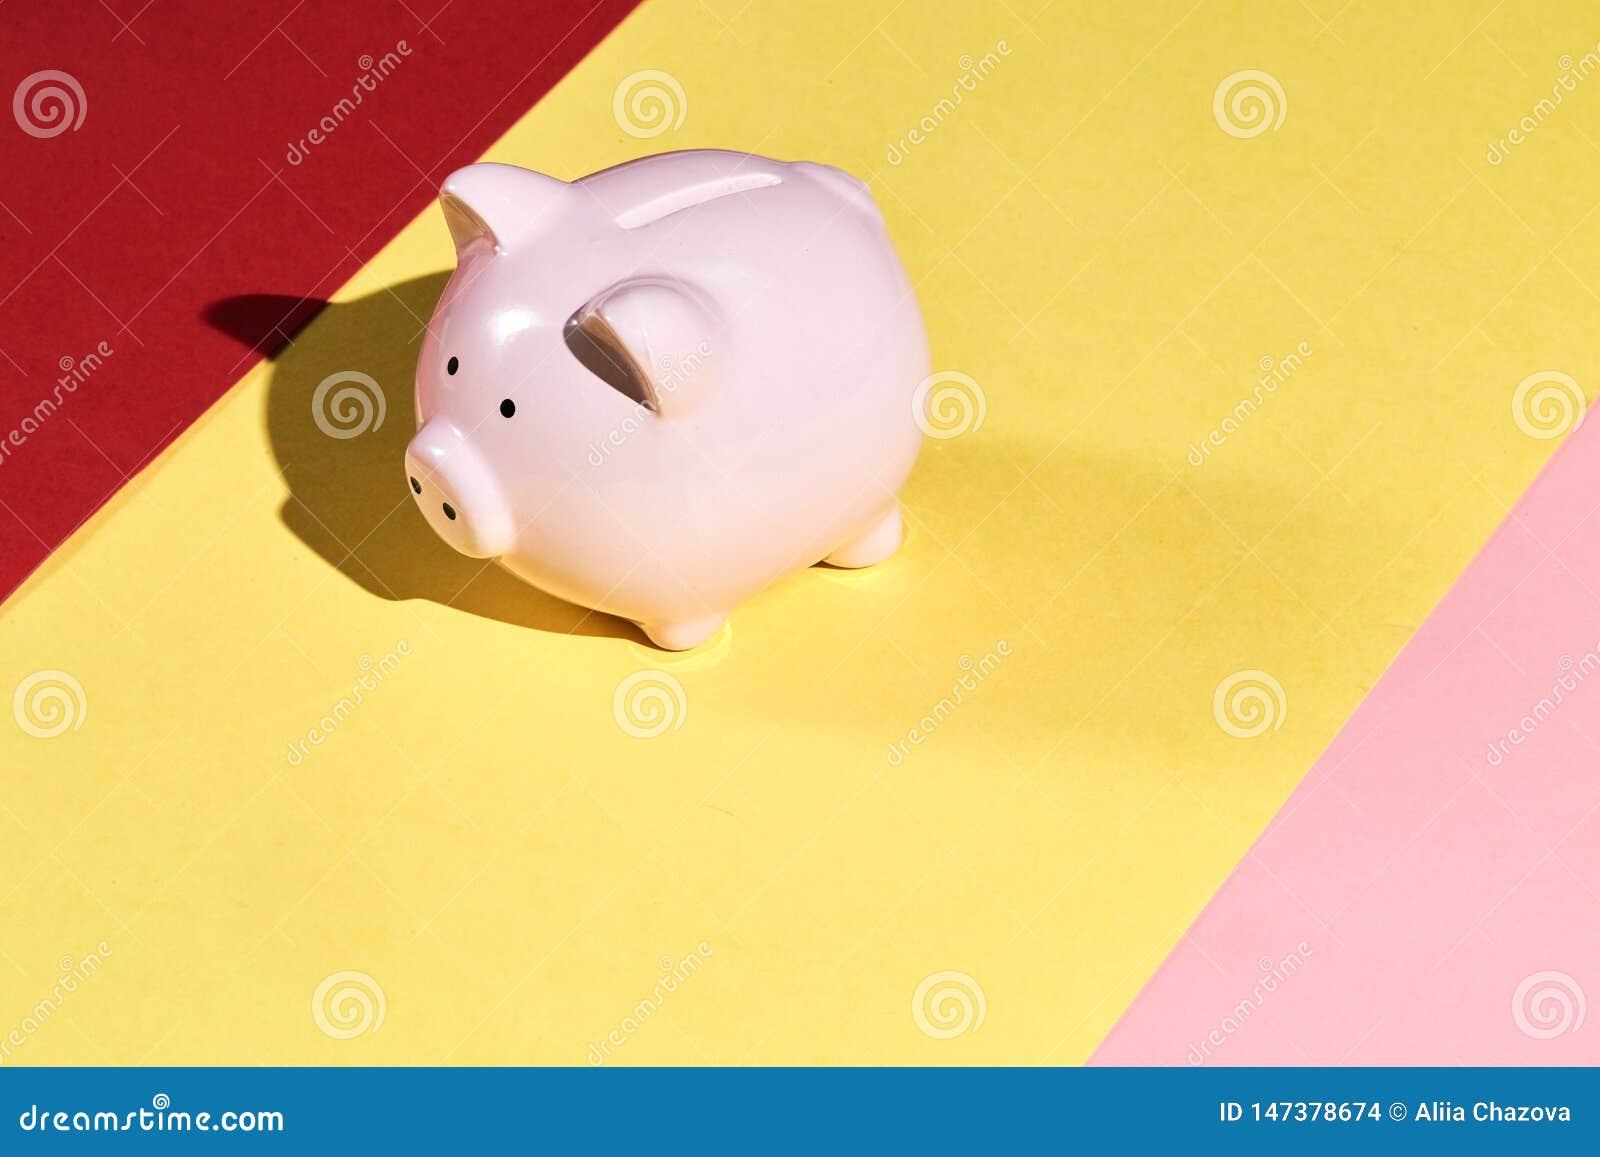 Όμορφη ρόδινη piggy τράπεζα που απομονώνεται στο κίτρινο, ρόδινο και κόκκινο υπόβαθρο